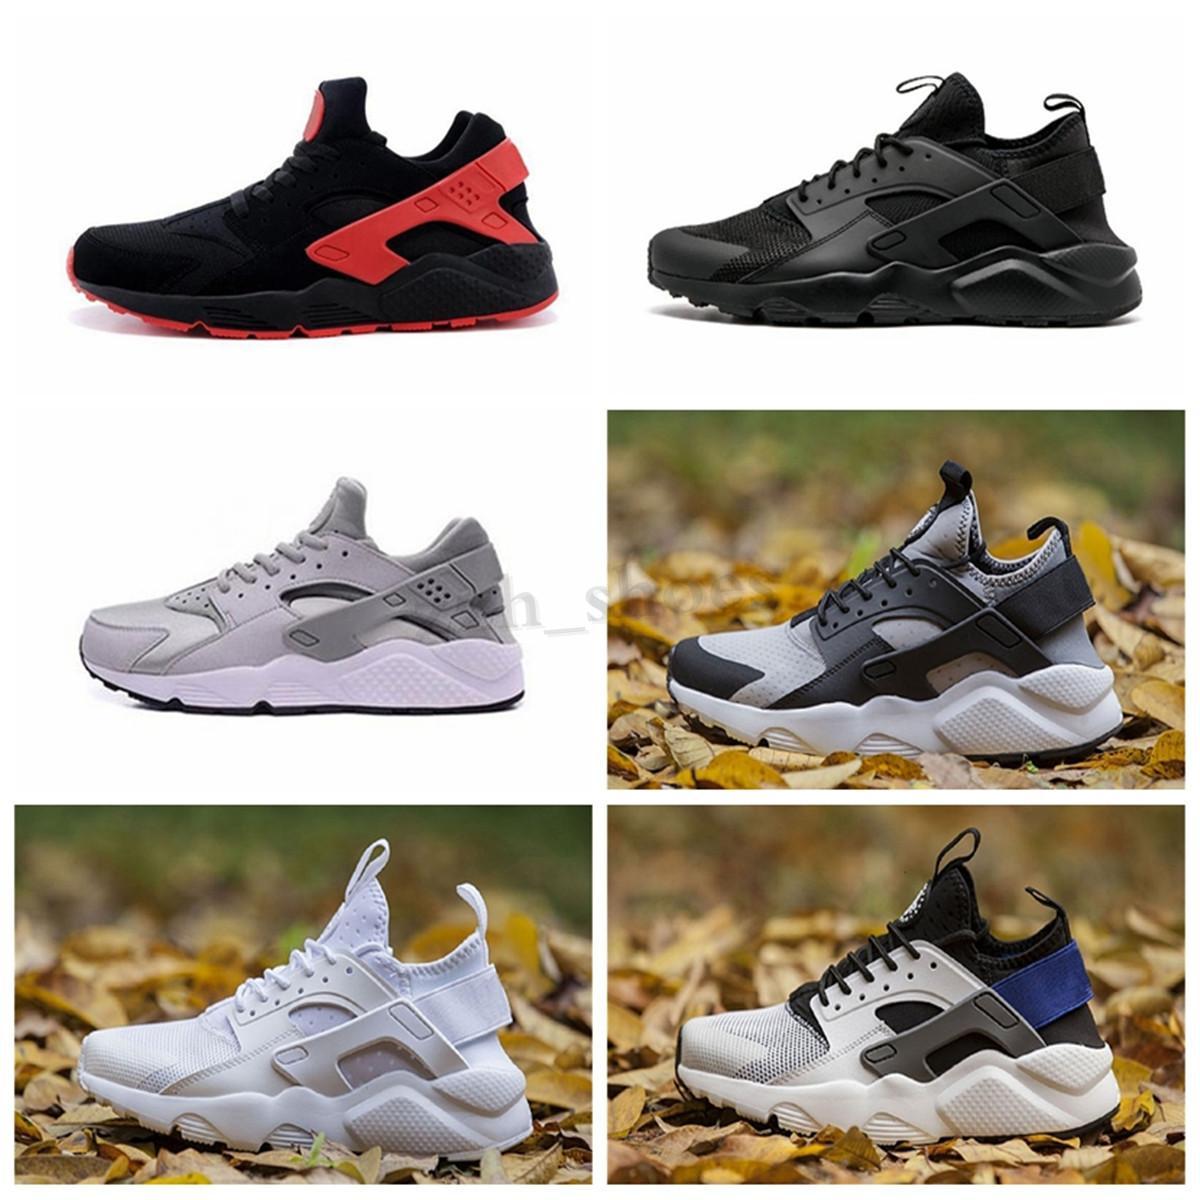 NIKE Air Huarache Run Ultra 4 Yeni HUARACHES 1.0 4.0 Açık Yürüyüş Yürüyüş Ayakkabı Erkekler Kadınlar Için Üçlü Beyaz Siyah Kırmızı Eğitmenler Rahat Ayakkabılar Boyutu 36-45 PR07